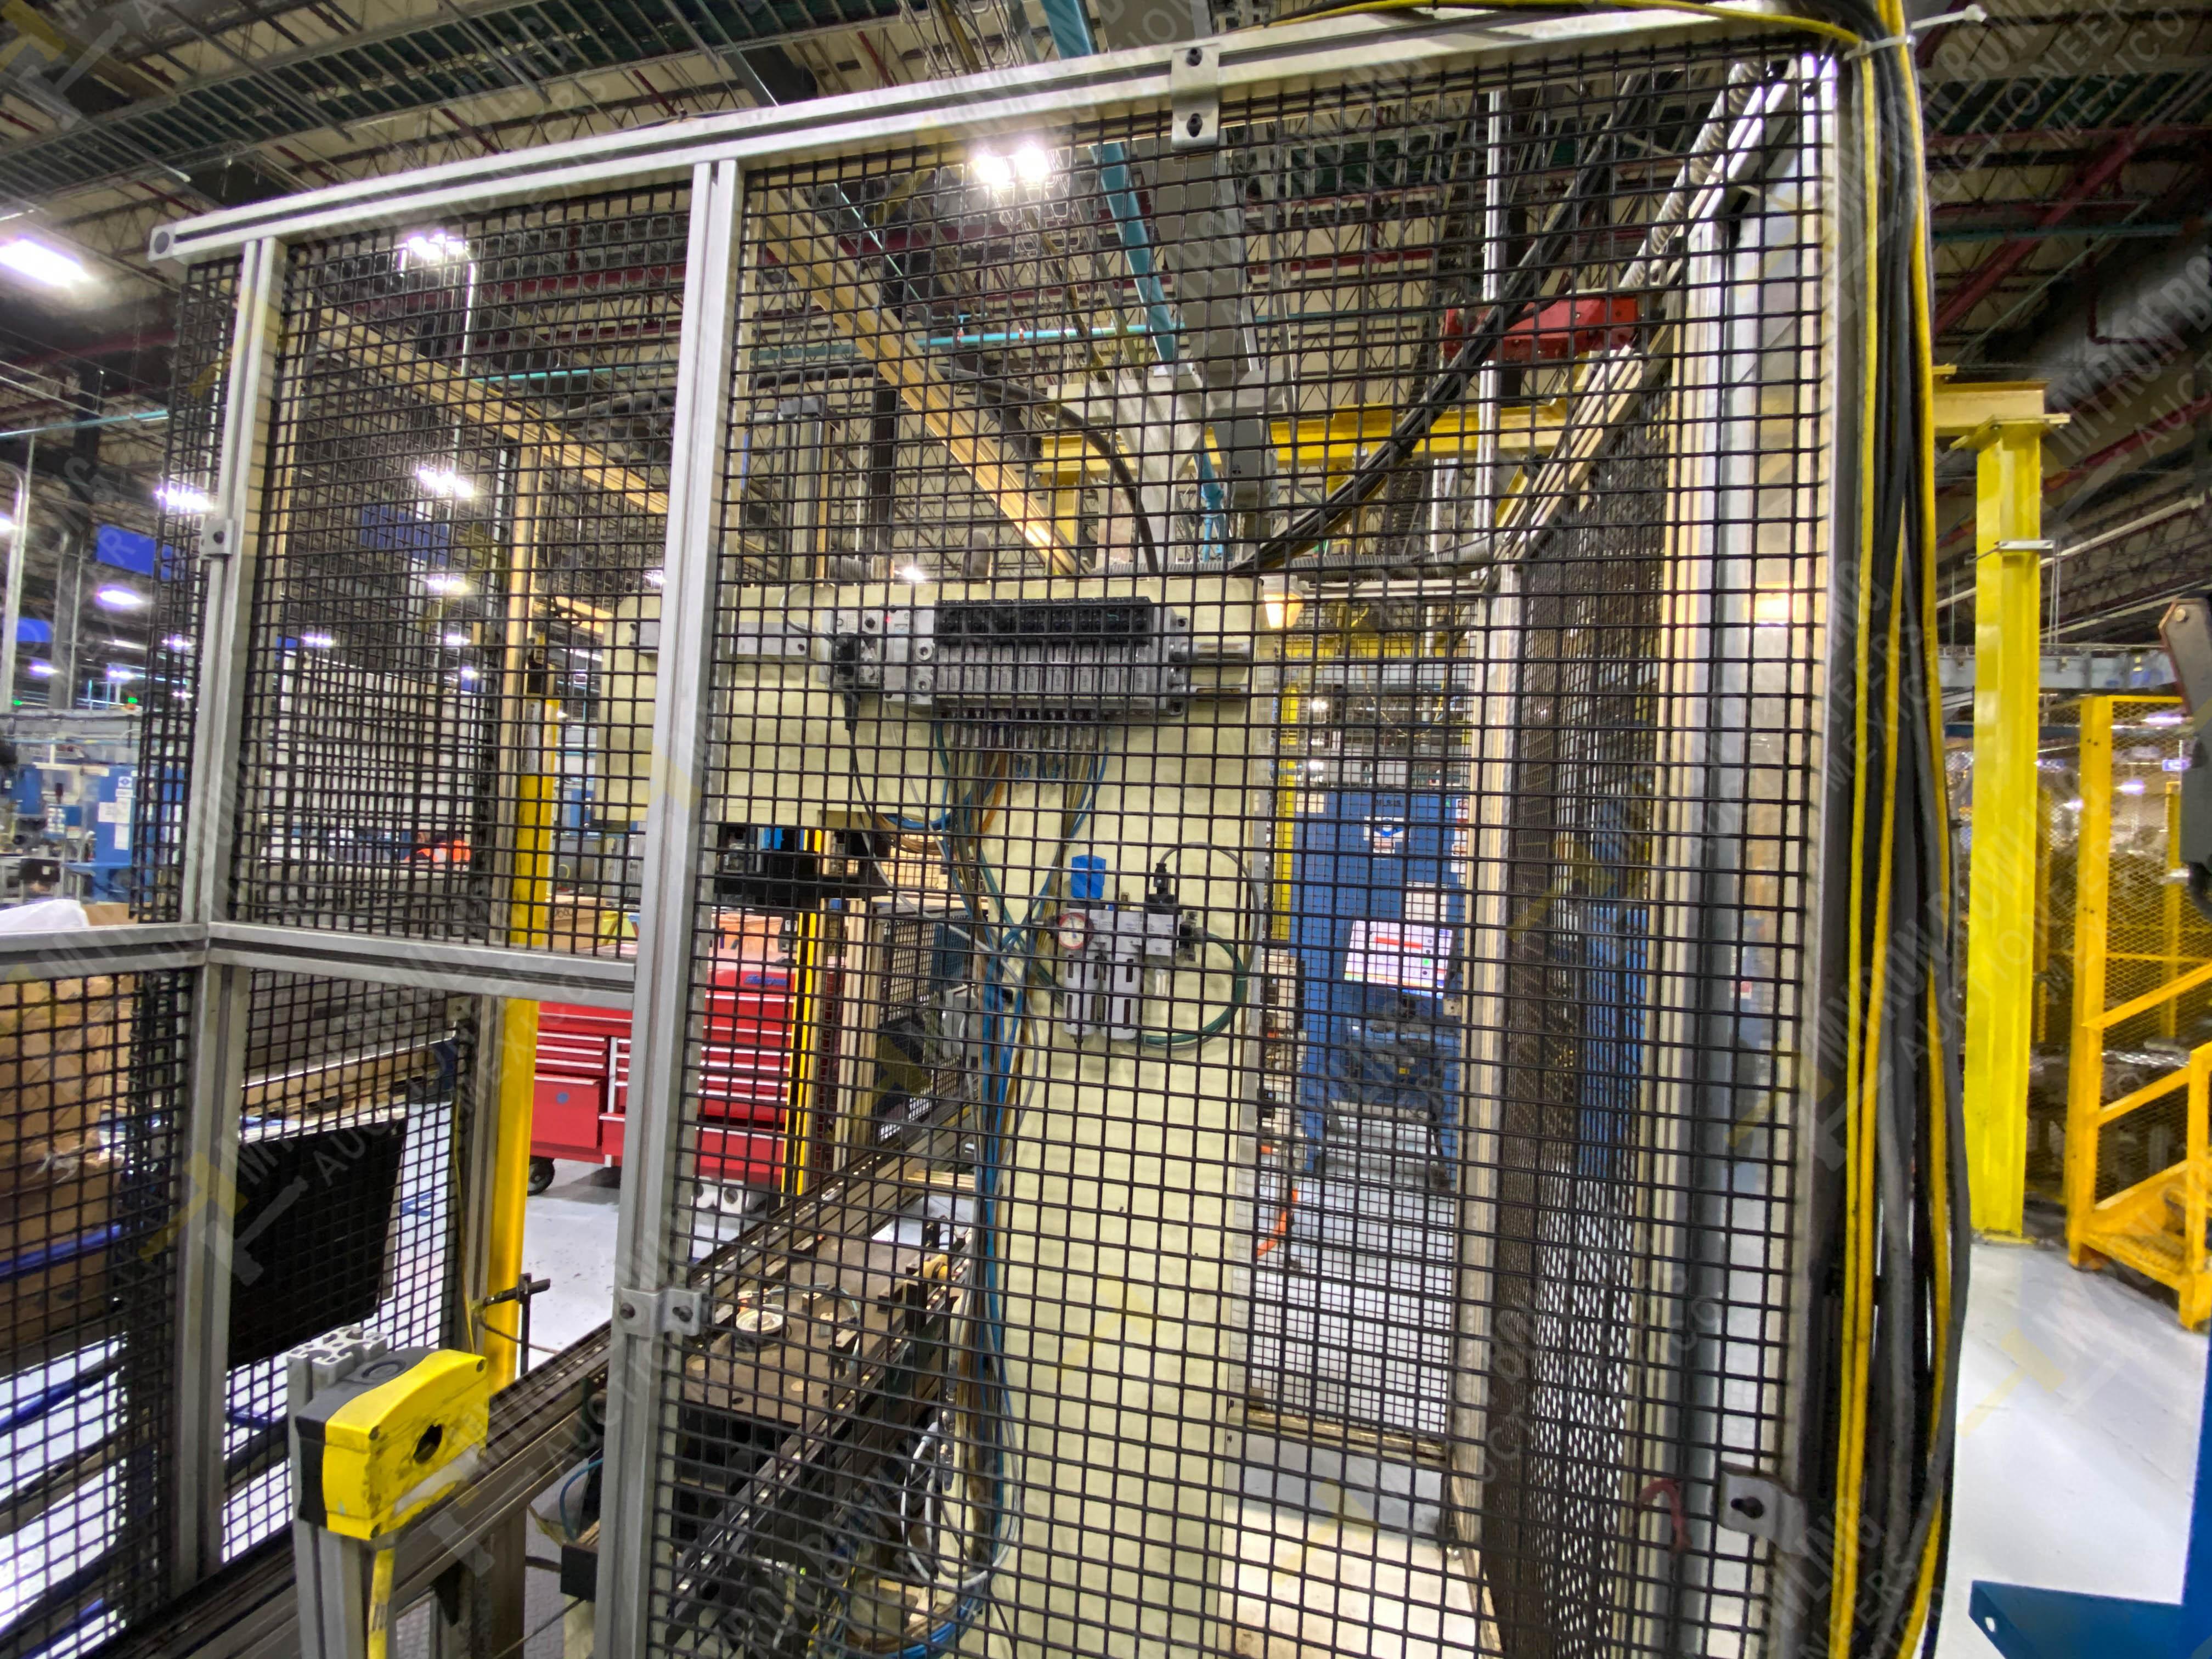 Estación manual para operación 383, contiene: Prensa marca PROMESS en estructura de placa de acero - Image 7 of 27